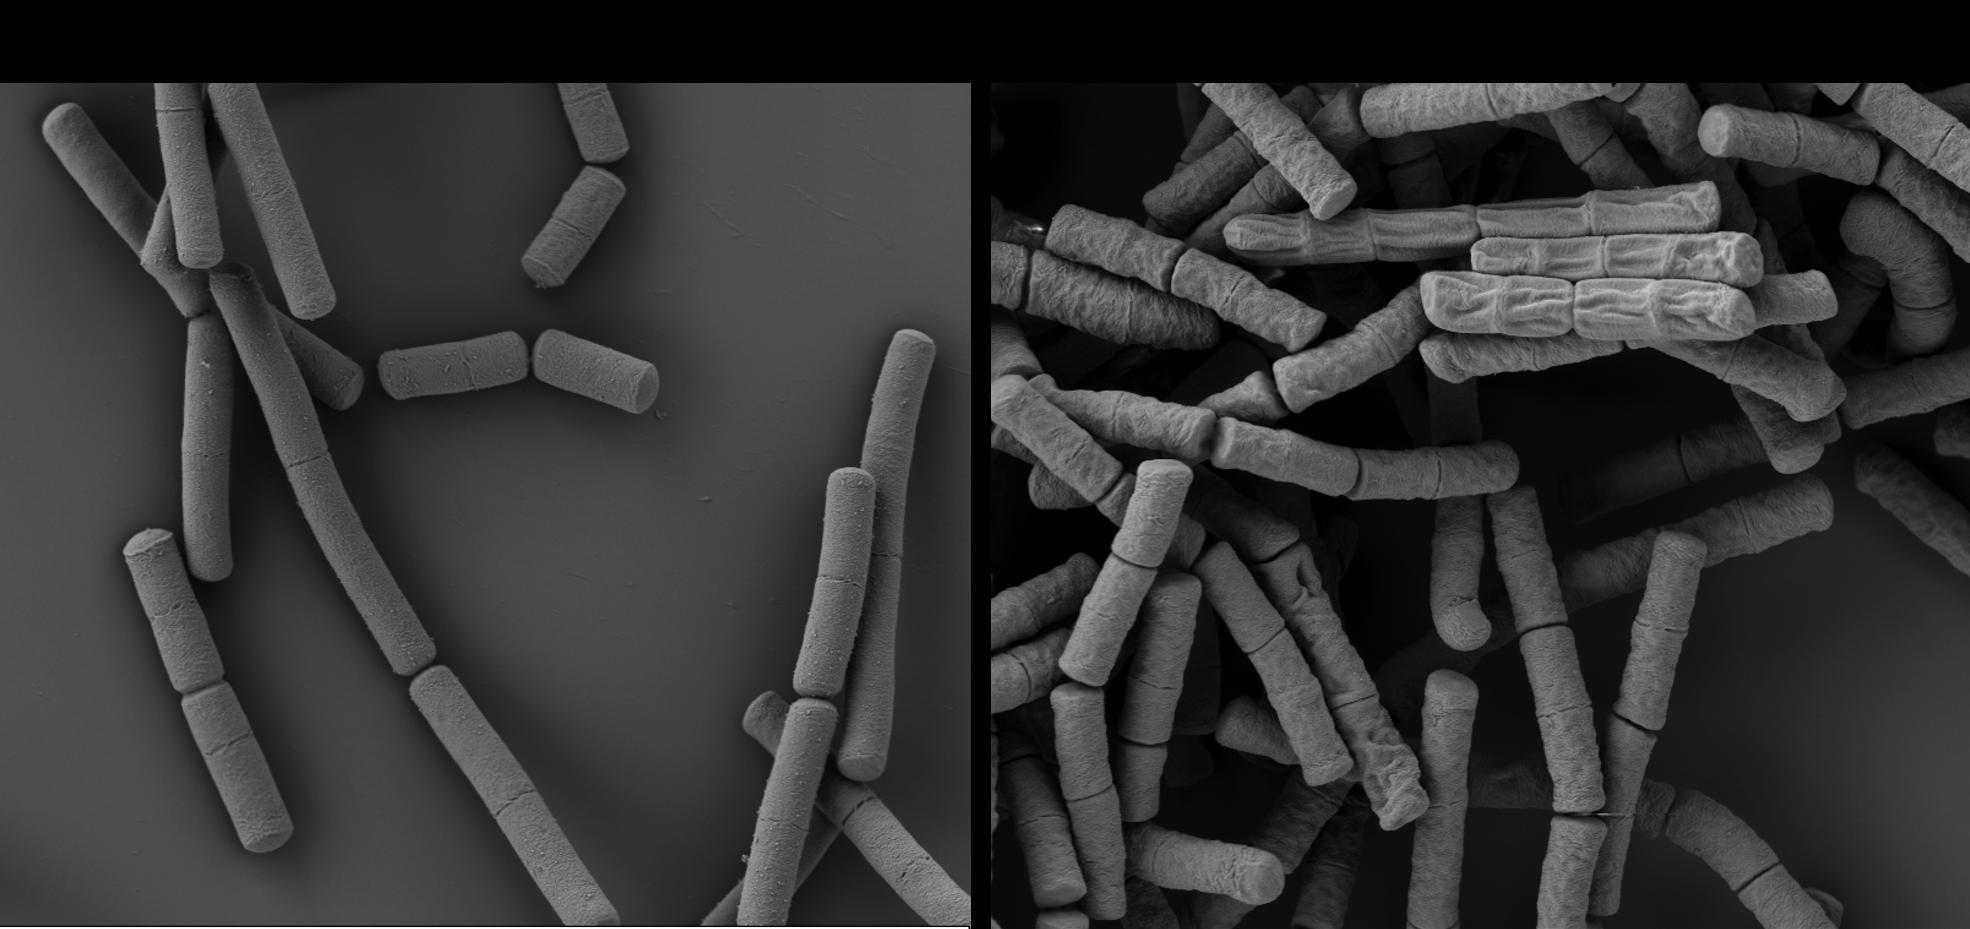 Nbs effect on S-layer (Fioravanti et al. 2019; Nature Microbiology)